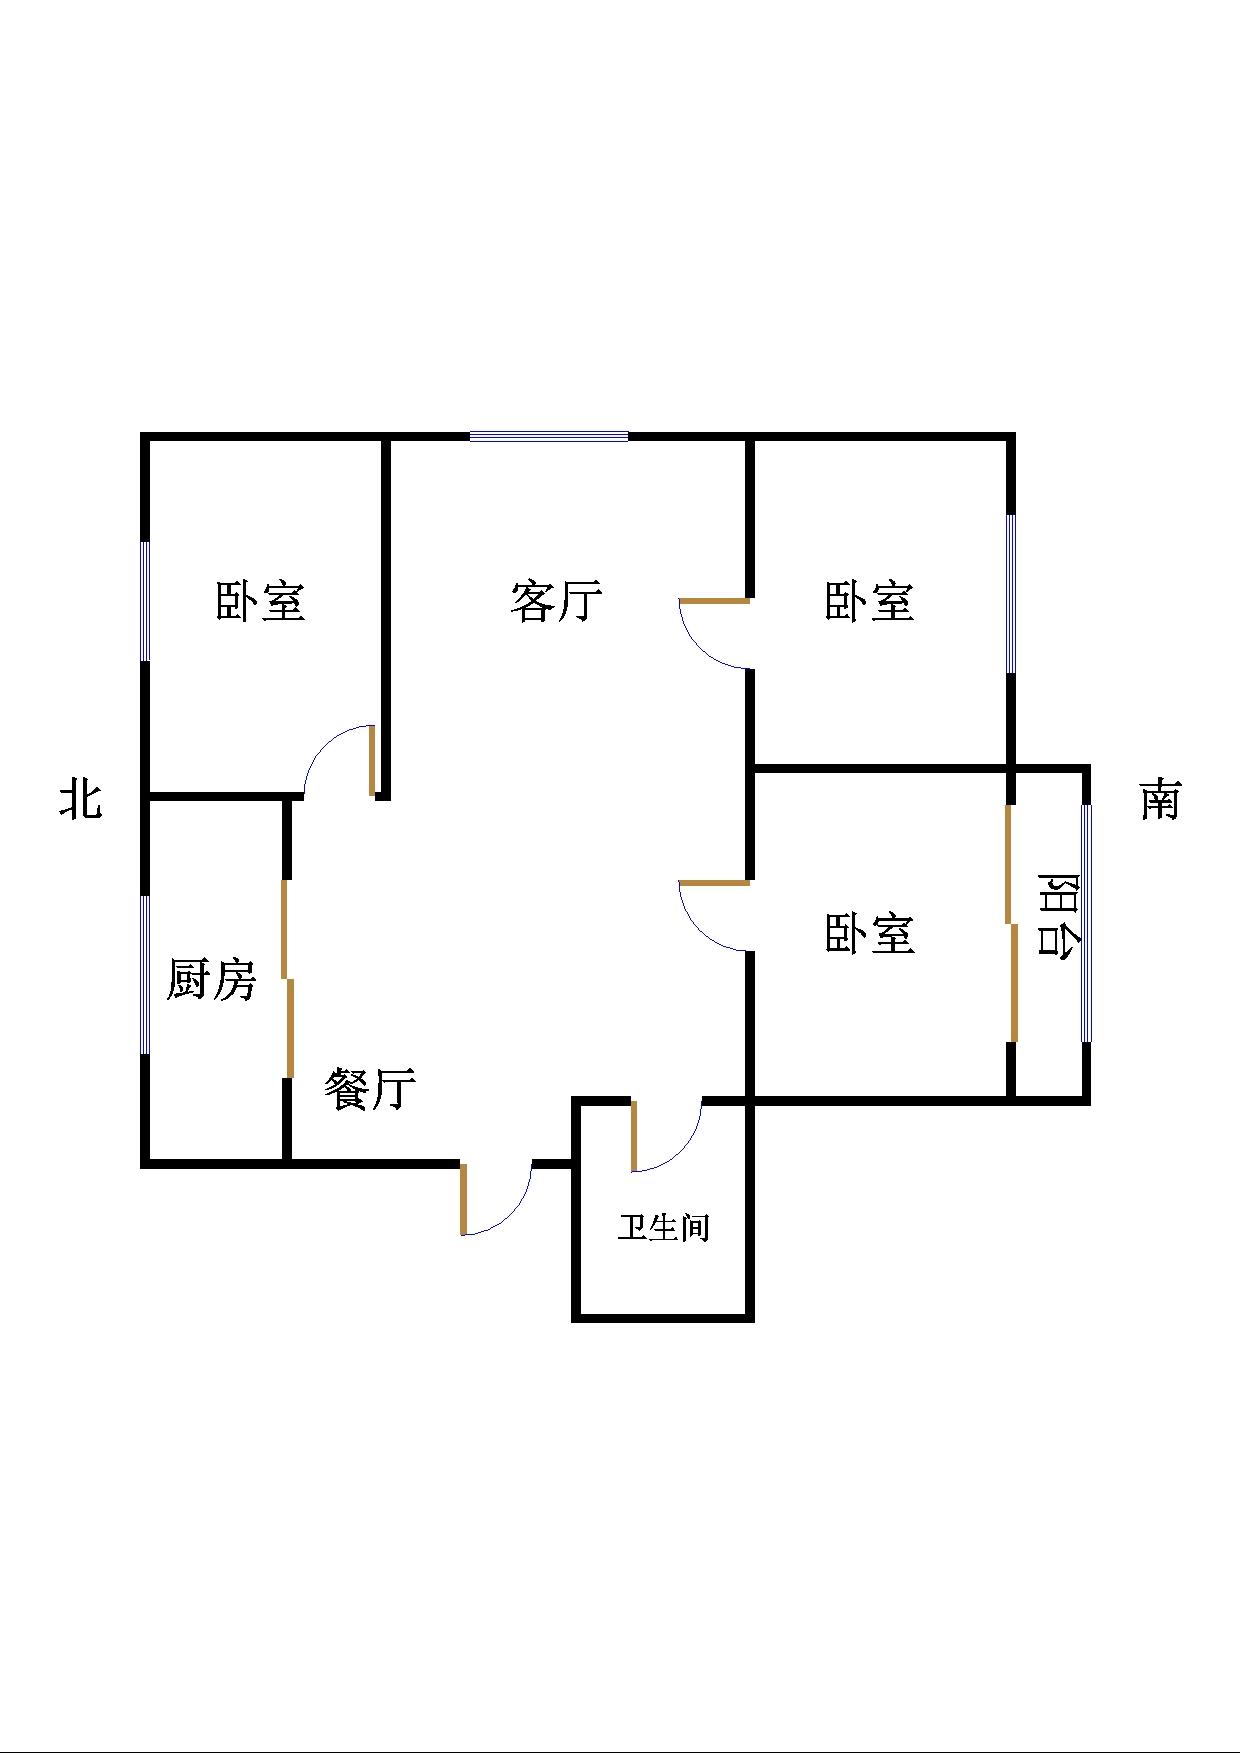 嘉御园 3室2厅 5楼